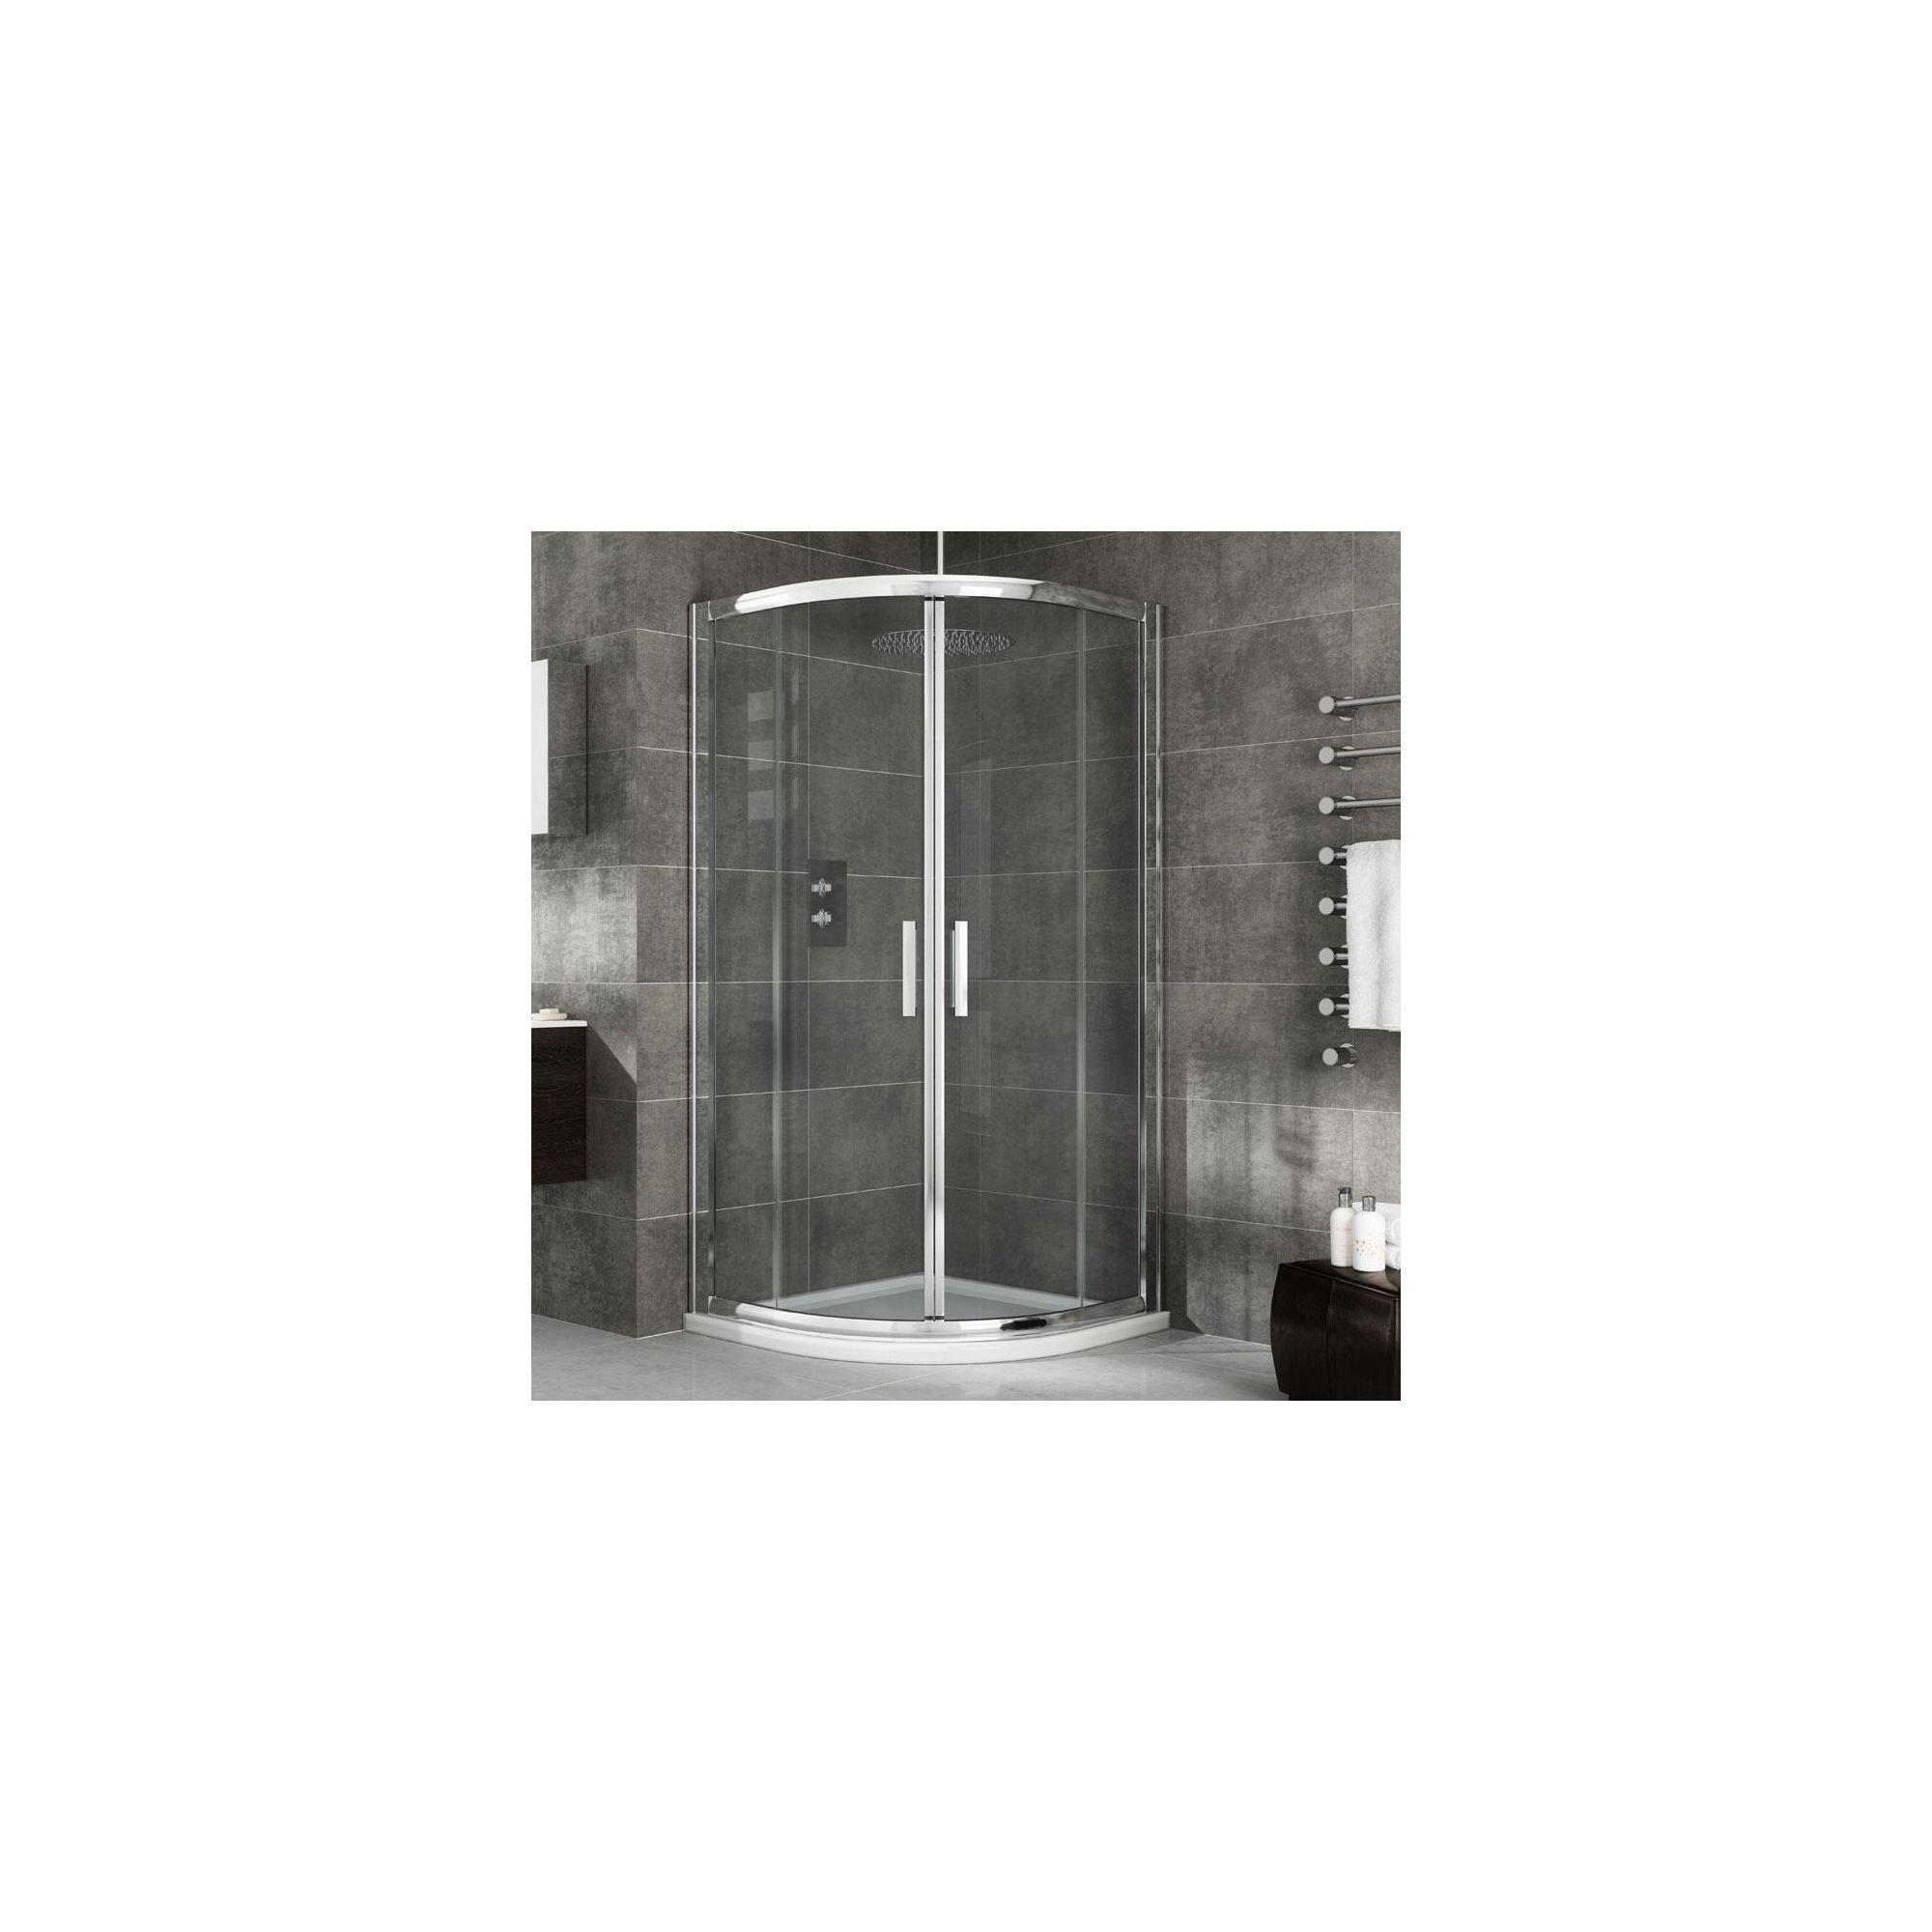 Elemis Eternity Two-Door Quadrant Shower Door, 900mm x 900mm, 8mm Glass at Tescos Direct